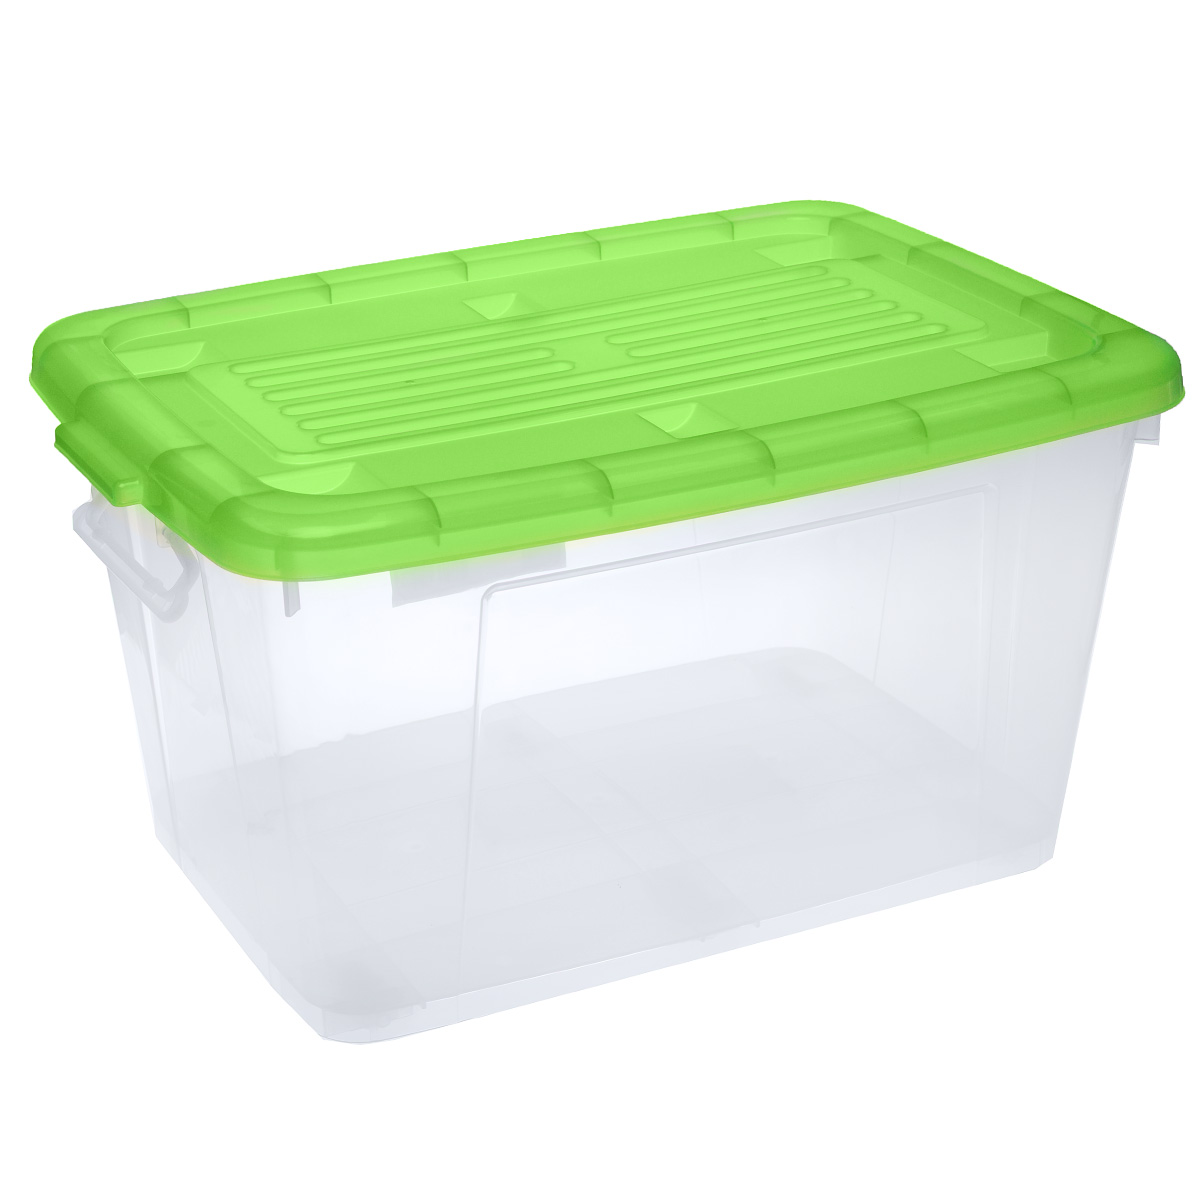 Ящик Darel Box, с крышкой, цвет: прозрачный, зеленый, 75 лU210DFЯщик Darel Box, изготовленный из прозрачного пластика, оснащен ручками и плотно закрывающейся крышкой. Изделие предназначено для хранения различных бытовых вещей. Идеально подойдет для хранения белья, продуктов, игрушек. Будет незаменим на даче, в гараже или кладовой. Выдерживает температурные перепады от -25°С до +95°С. Изделие имеет четыре маленьких колесика, обеспечивающих удобство перемещения ящика. Размер ящика: 68 см х 47 см х 37 см.